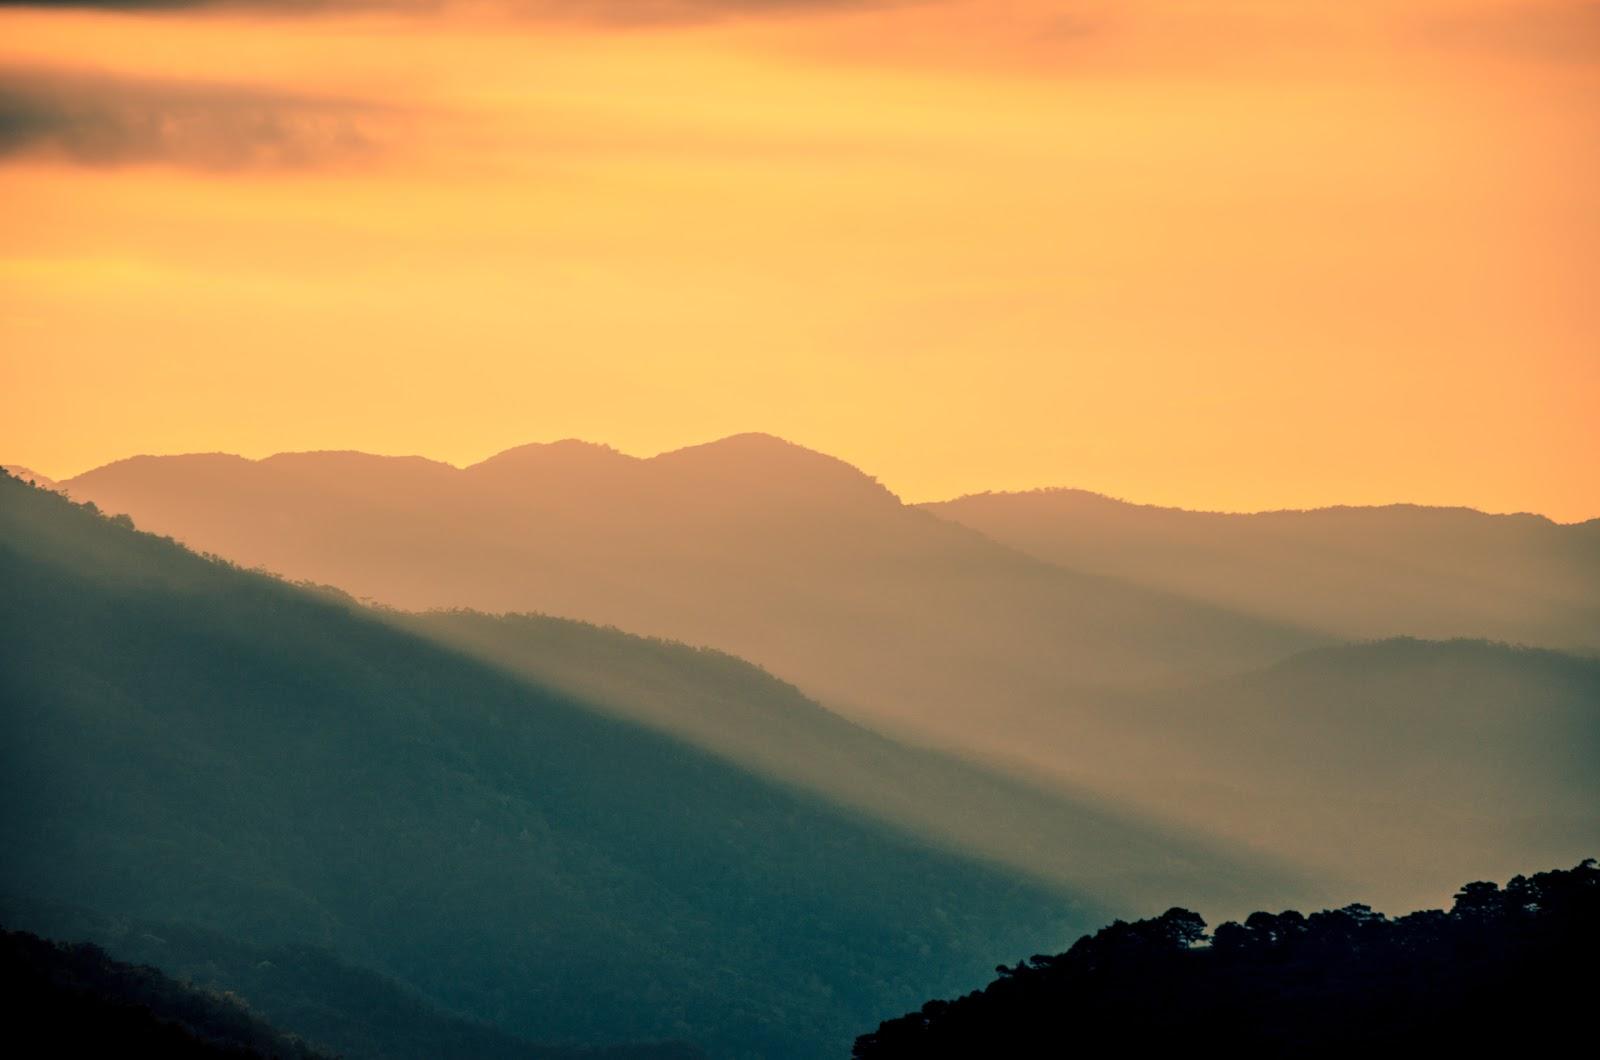 黄昏の山並み